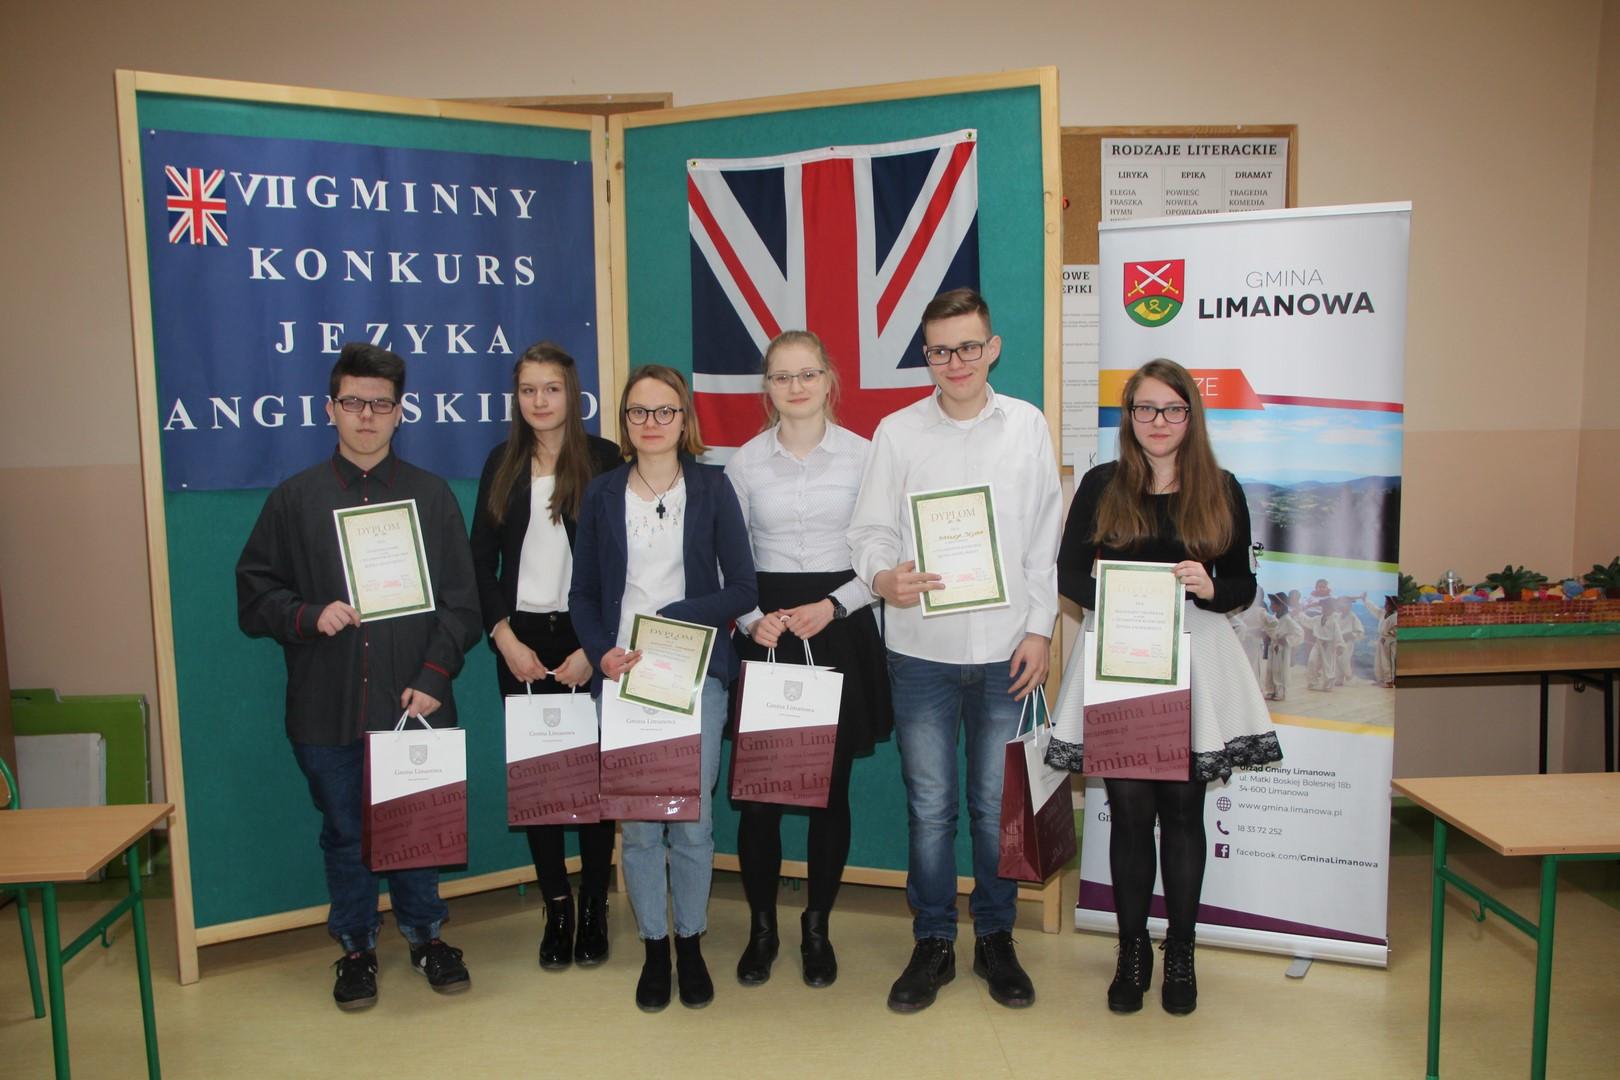 VII Gminny Konkurs Języka Angielskiego w ZS w Mordarce - zdjęcie główne